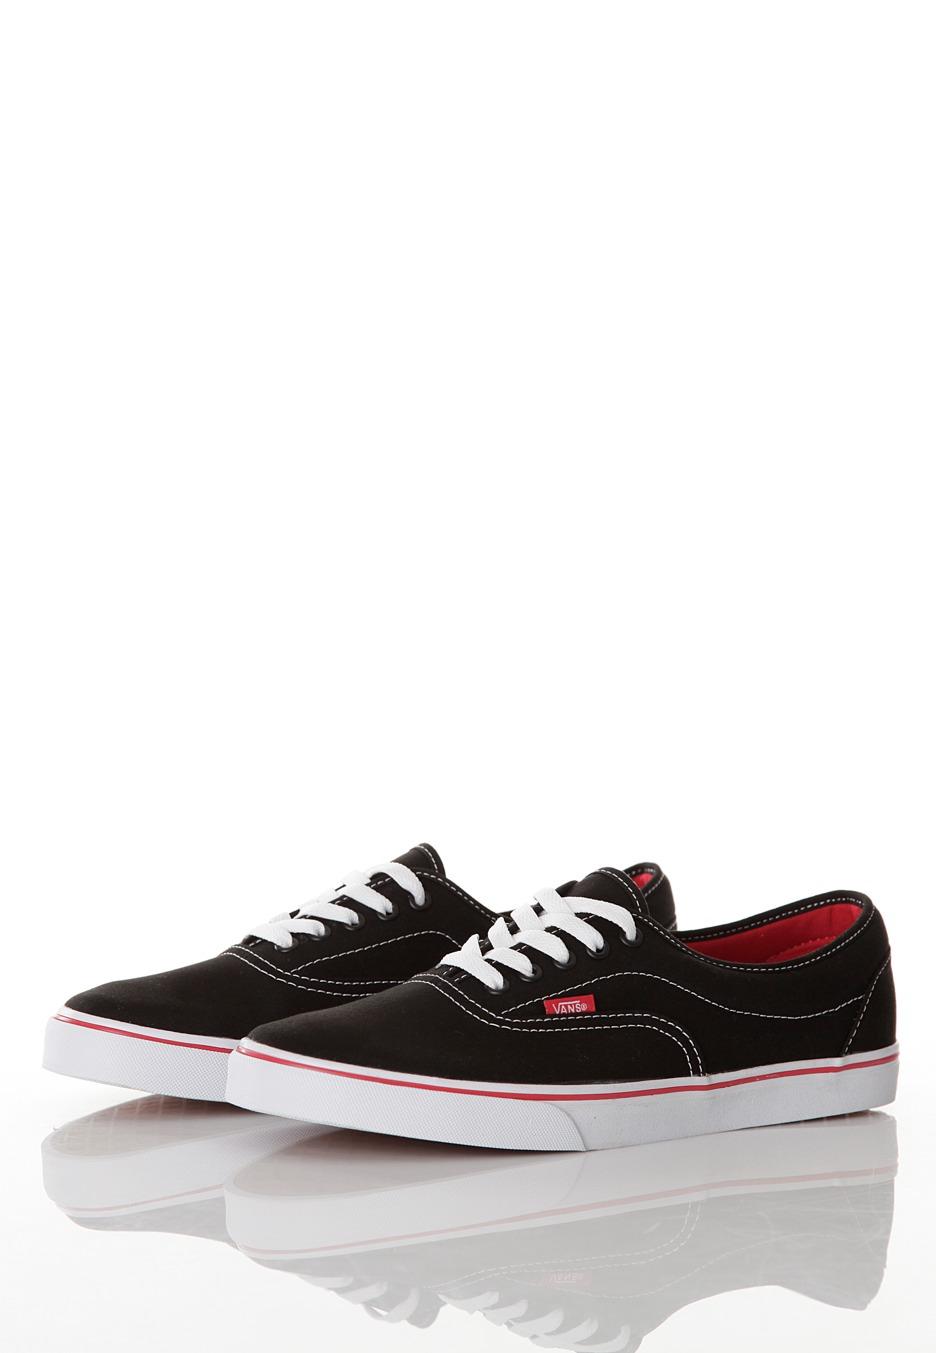 vans lpe blackred shoes impericoncom uk